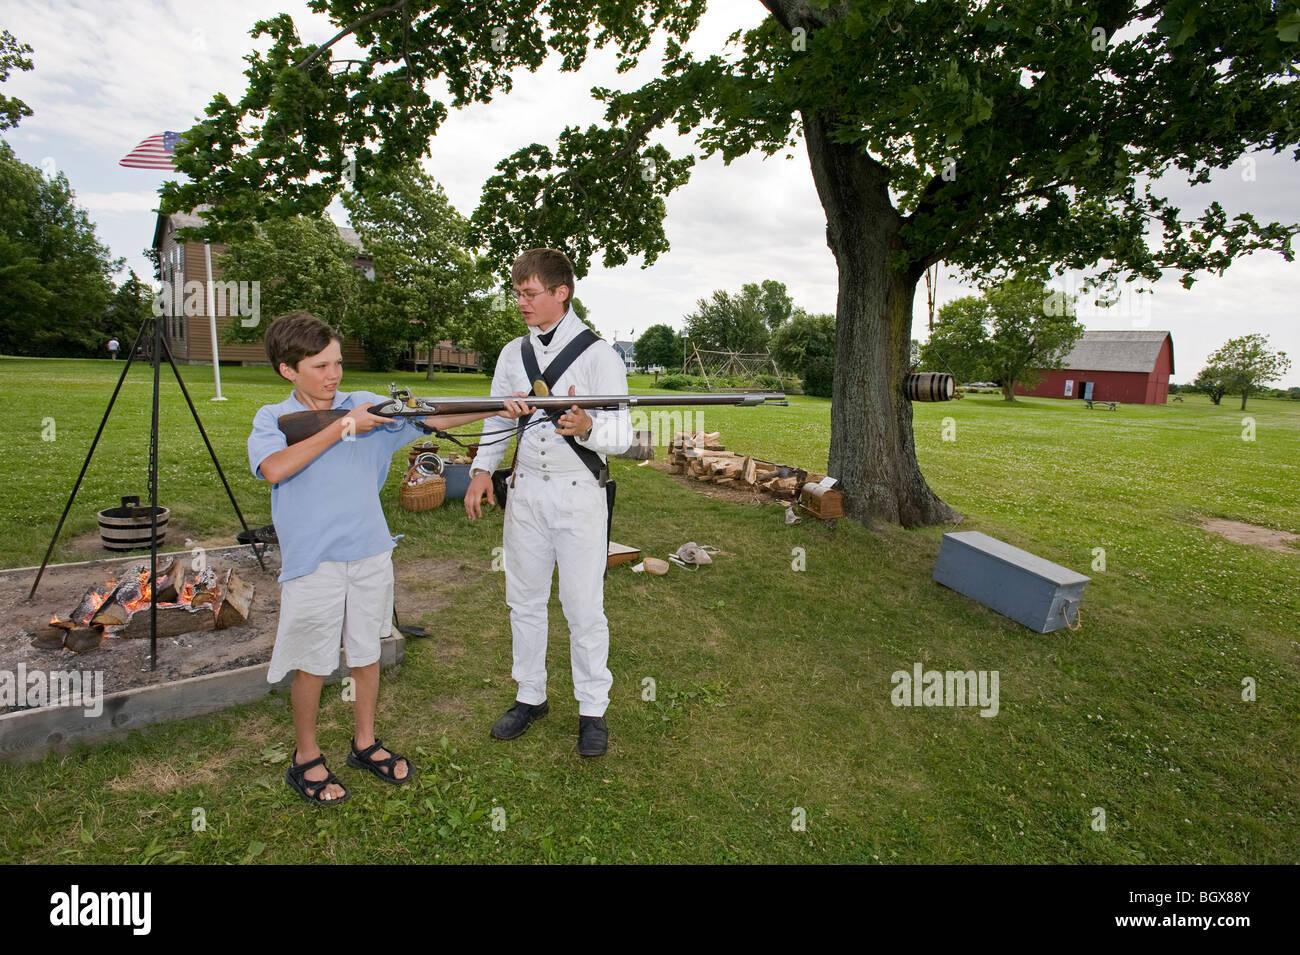 Teen boy holding War of 1812 reenactor's musket. - Stock Image